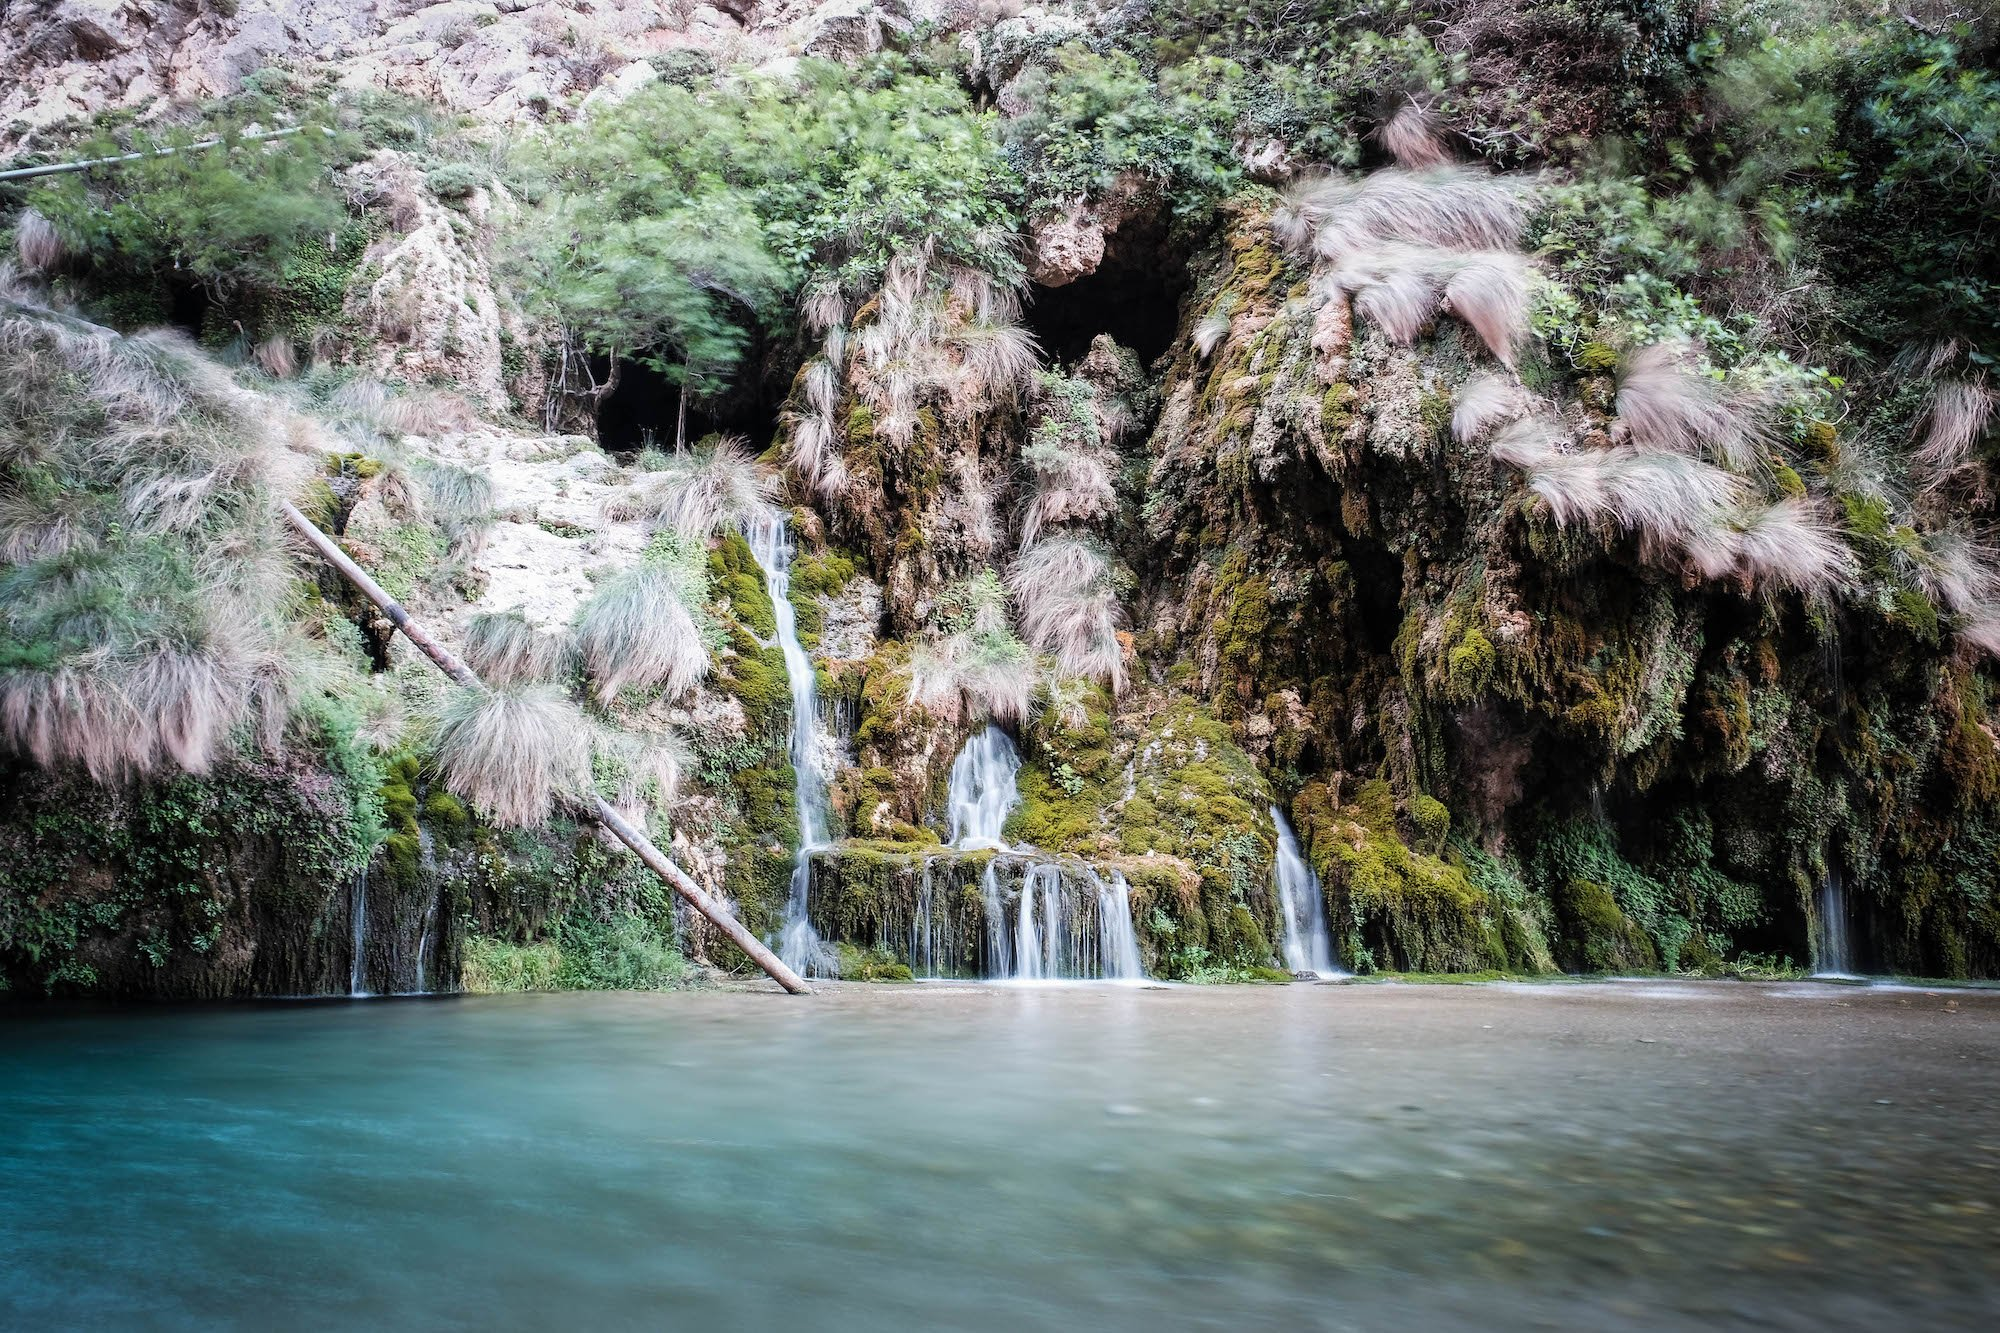 crete-Kourtaliotiko-gorge-greece-fujifilm-swim